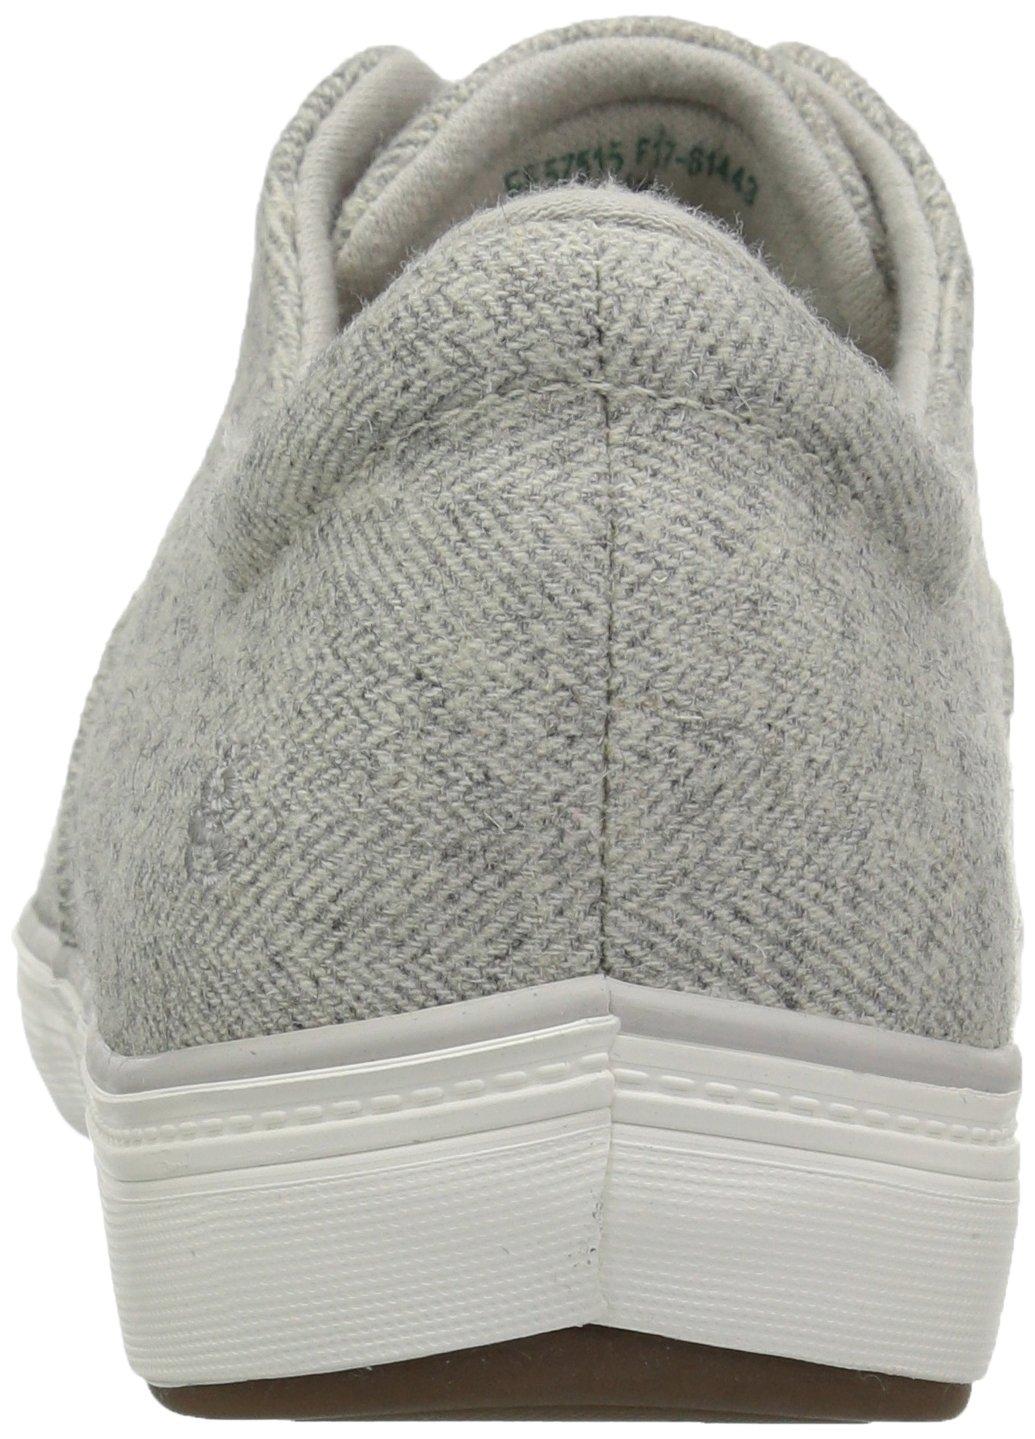 Grasshoppers Sneaker Women's Janey Ii Wool Herringbone Fashion Sneaker Grasshoppers B06XJFY1Z5 11 W US|Grey/Oatmeal 576824